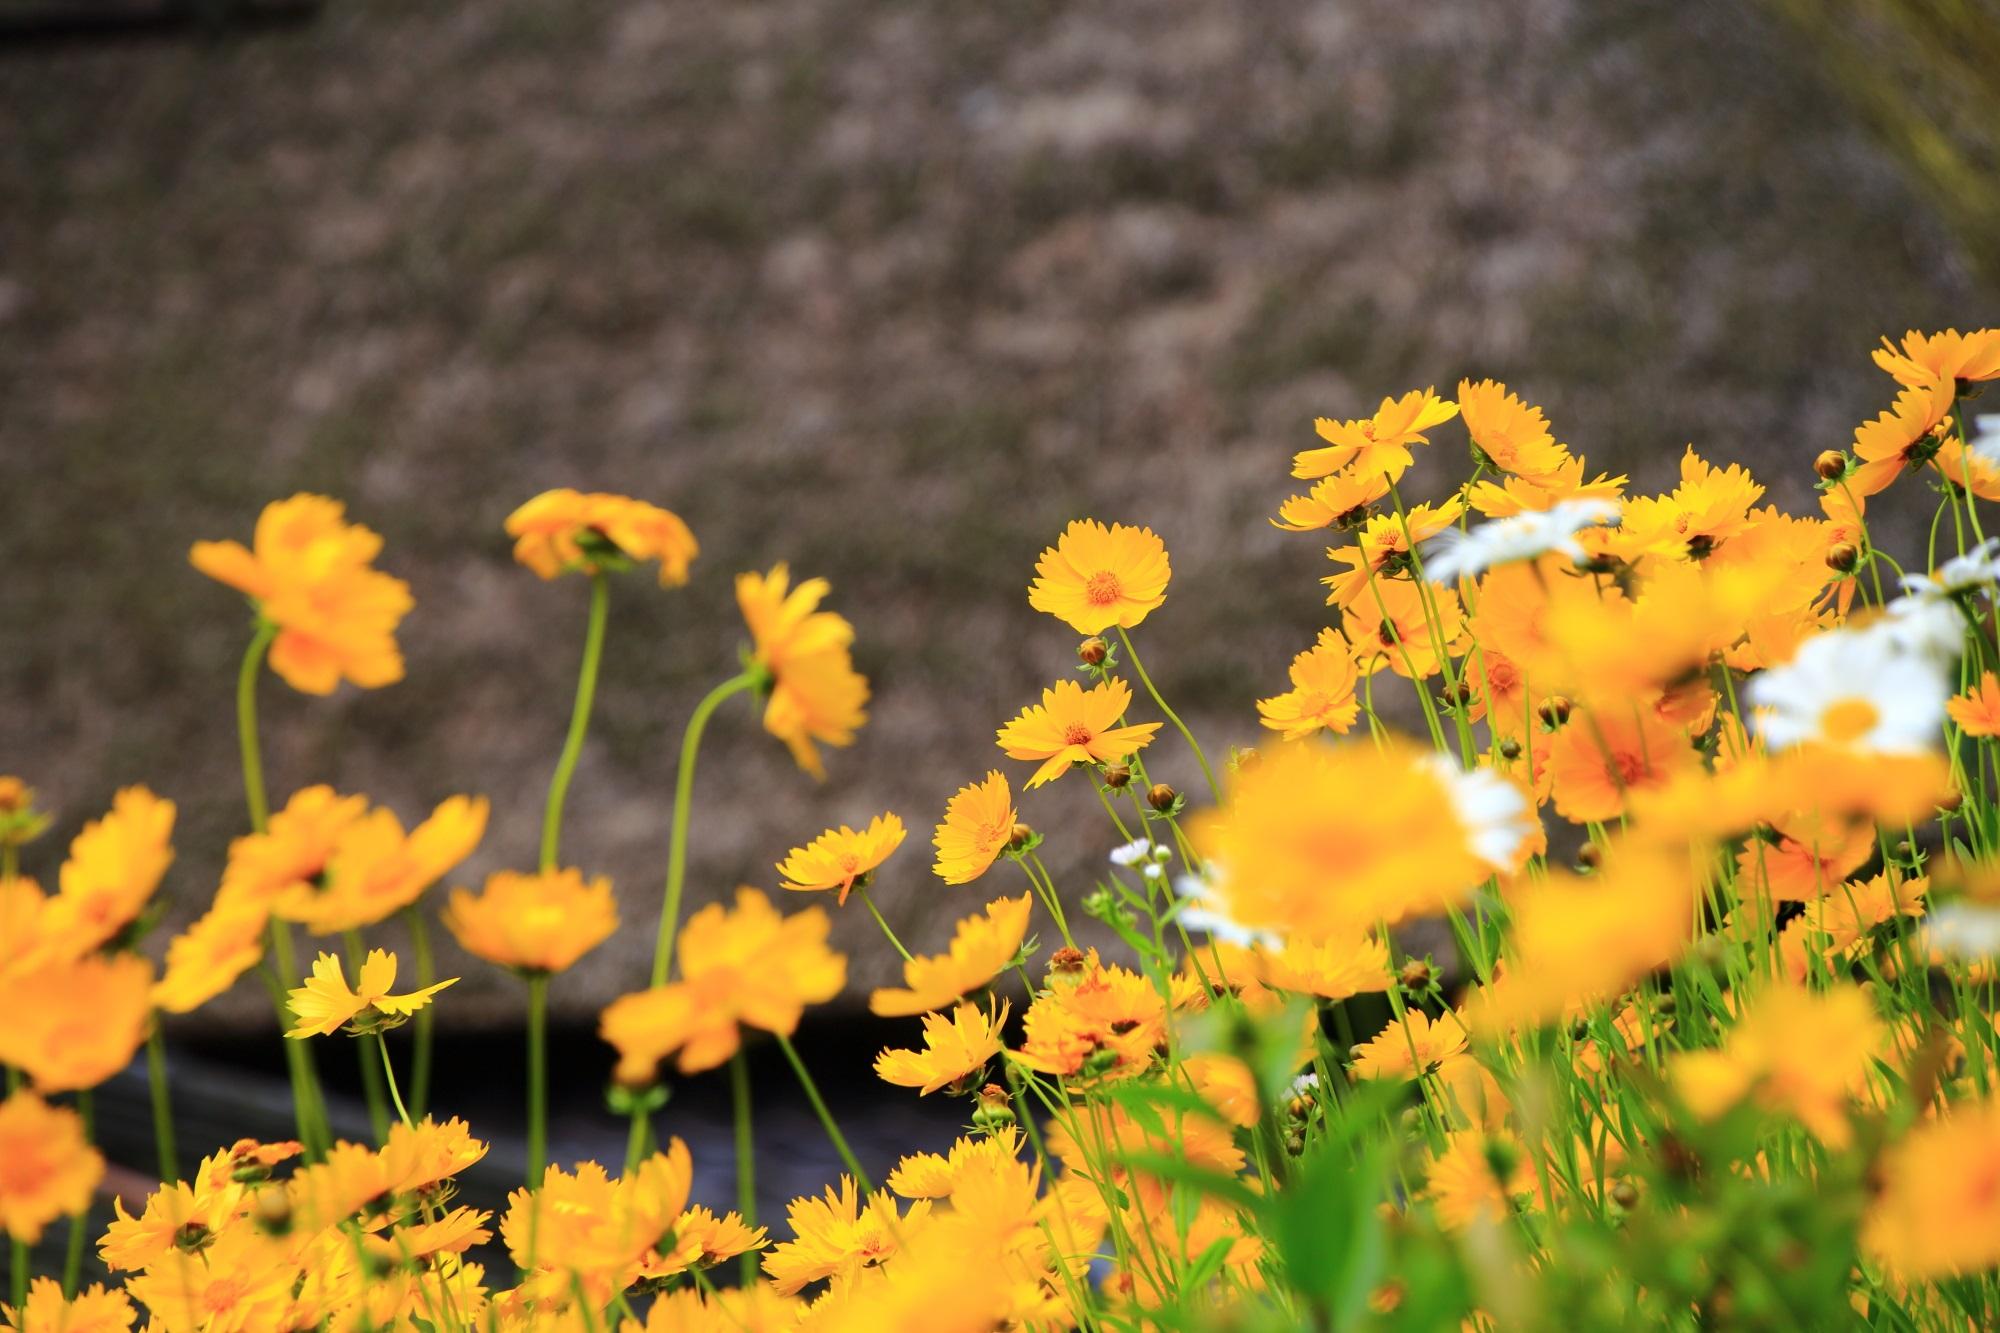 落ち着いた色合いのかやぶき屋根を彩る綺麗な花